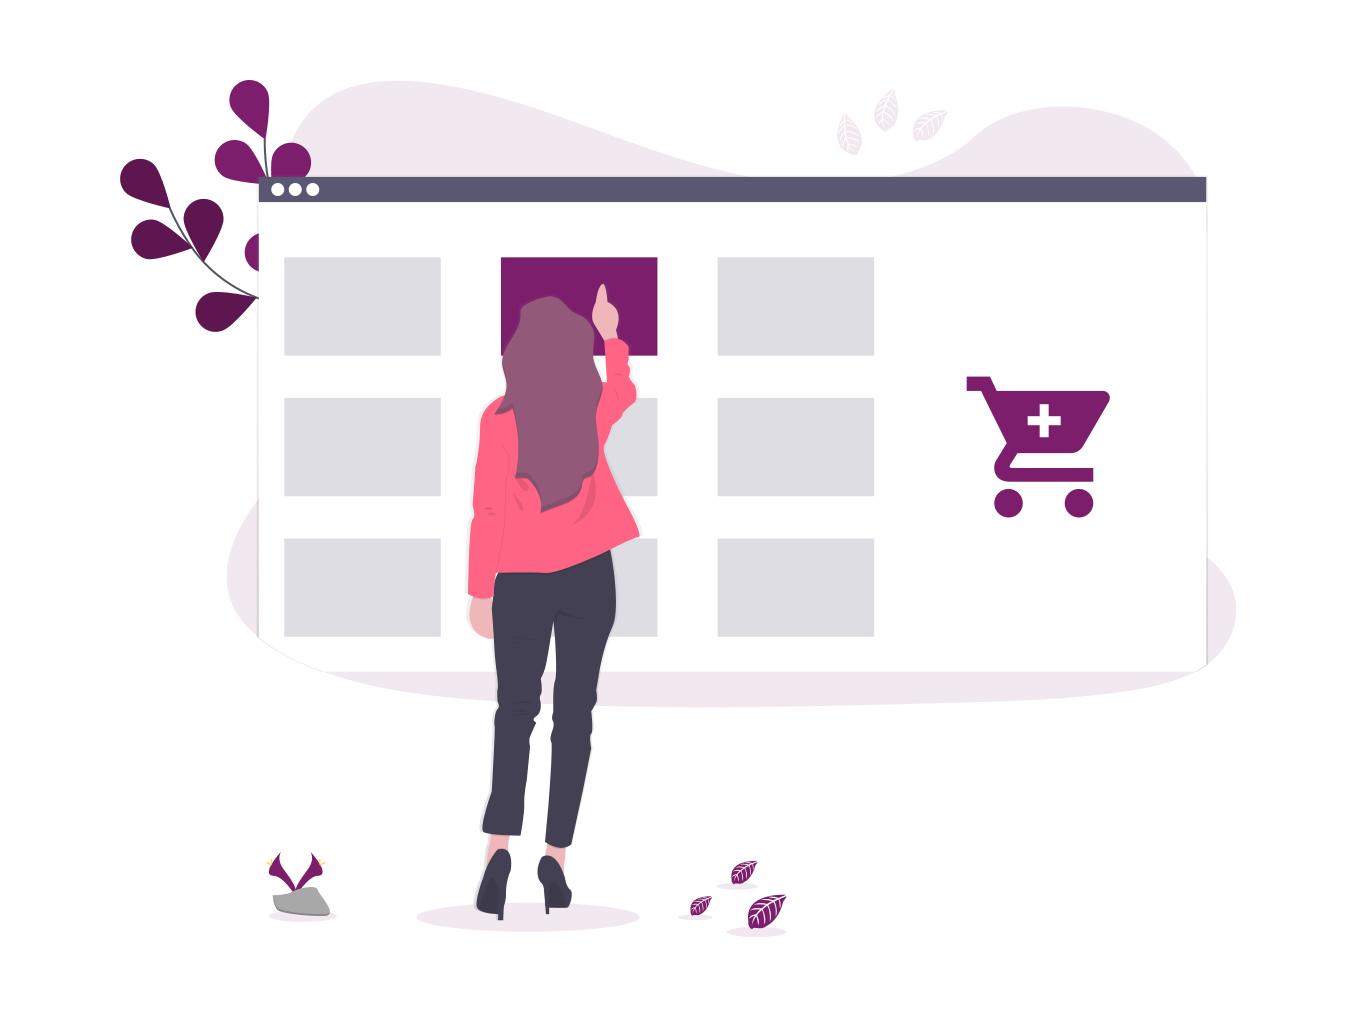 Brindes 3d: Como Impulsionar Suas Vendas Através do Marketing Sazonal